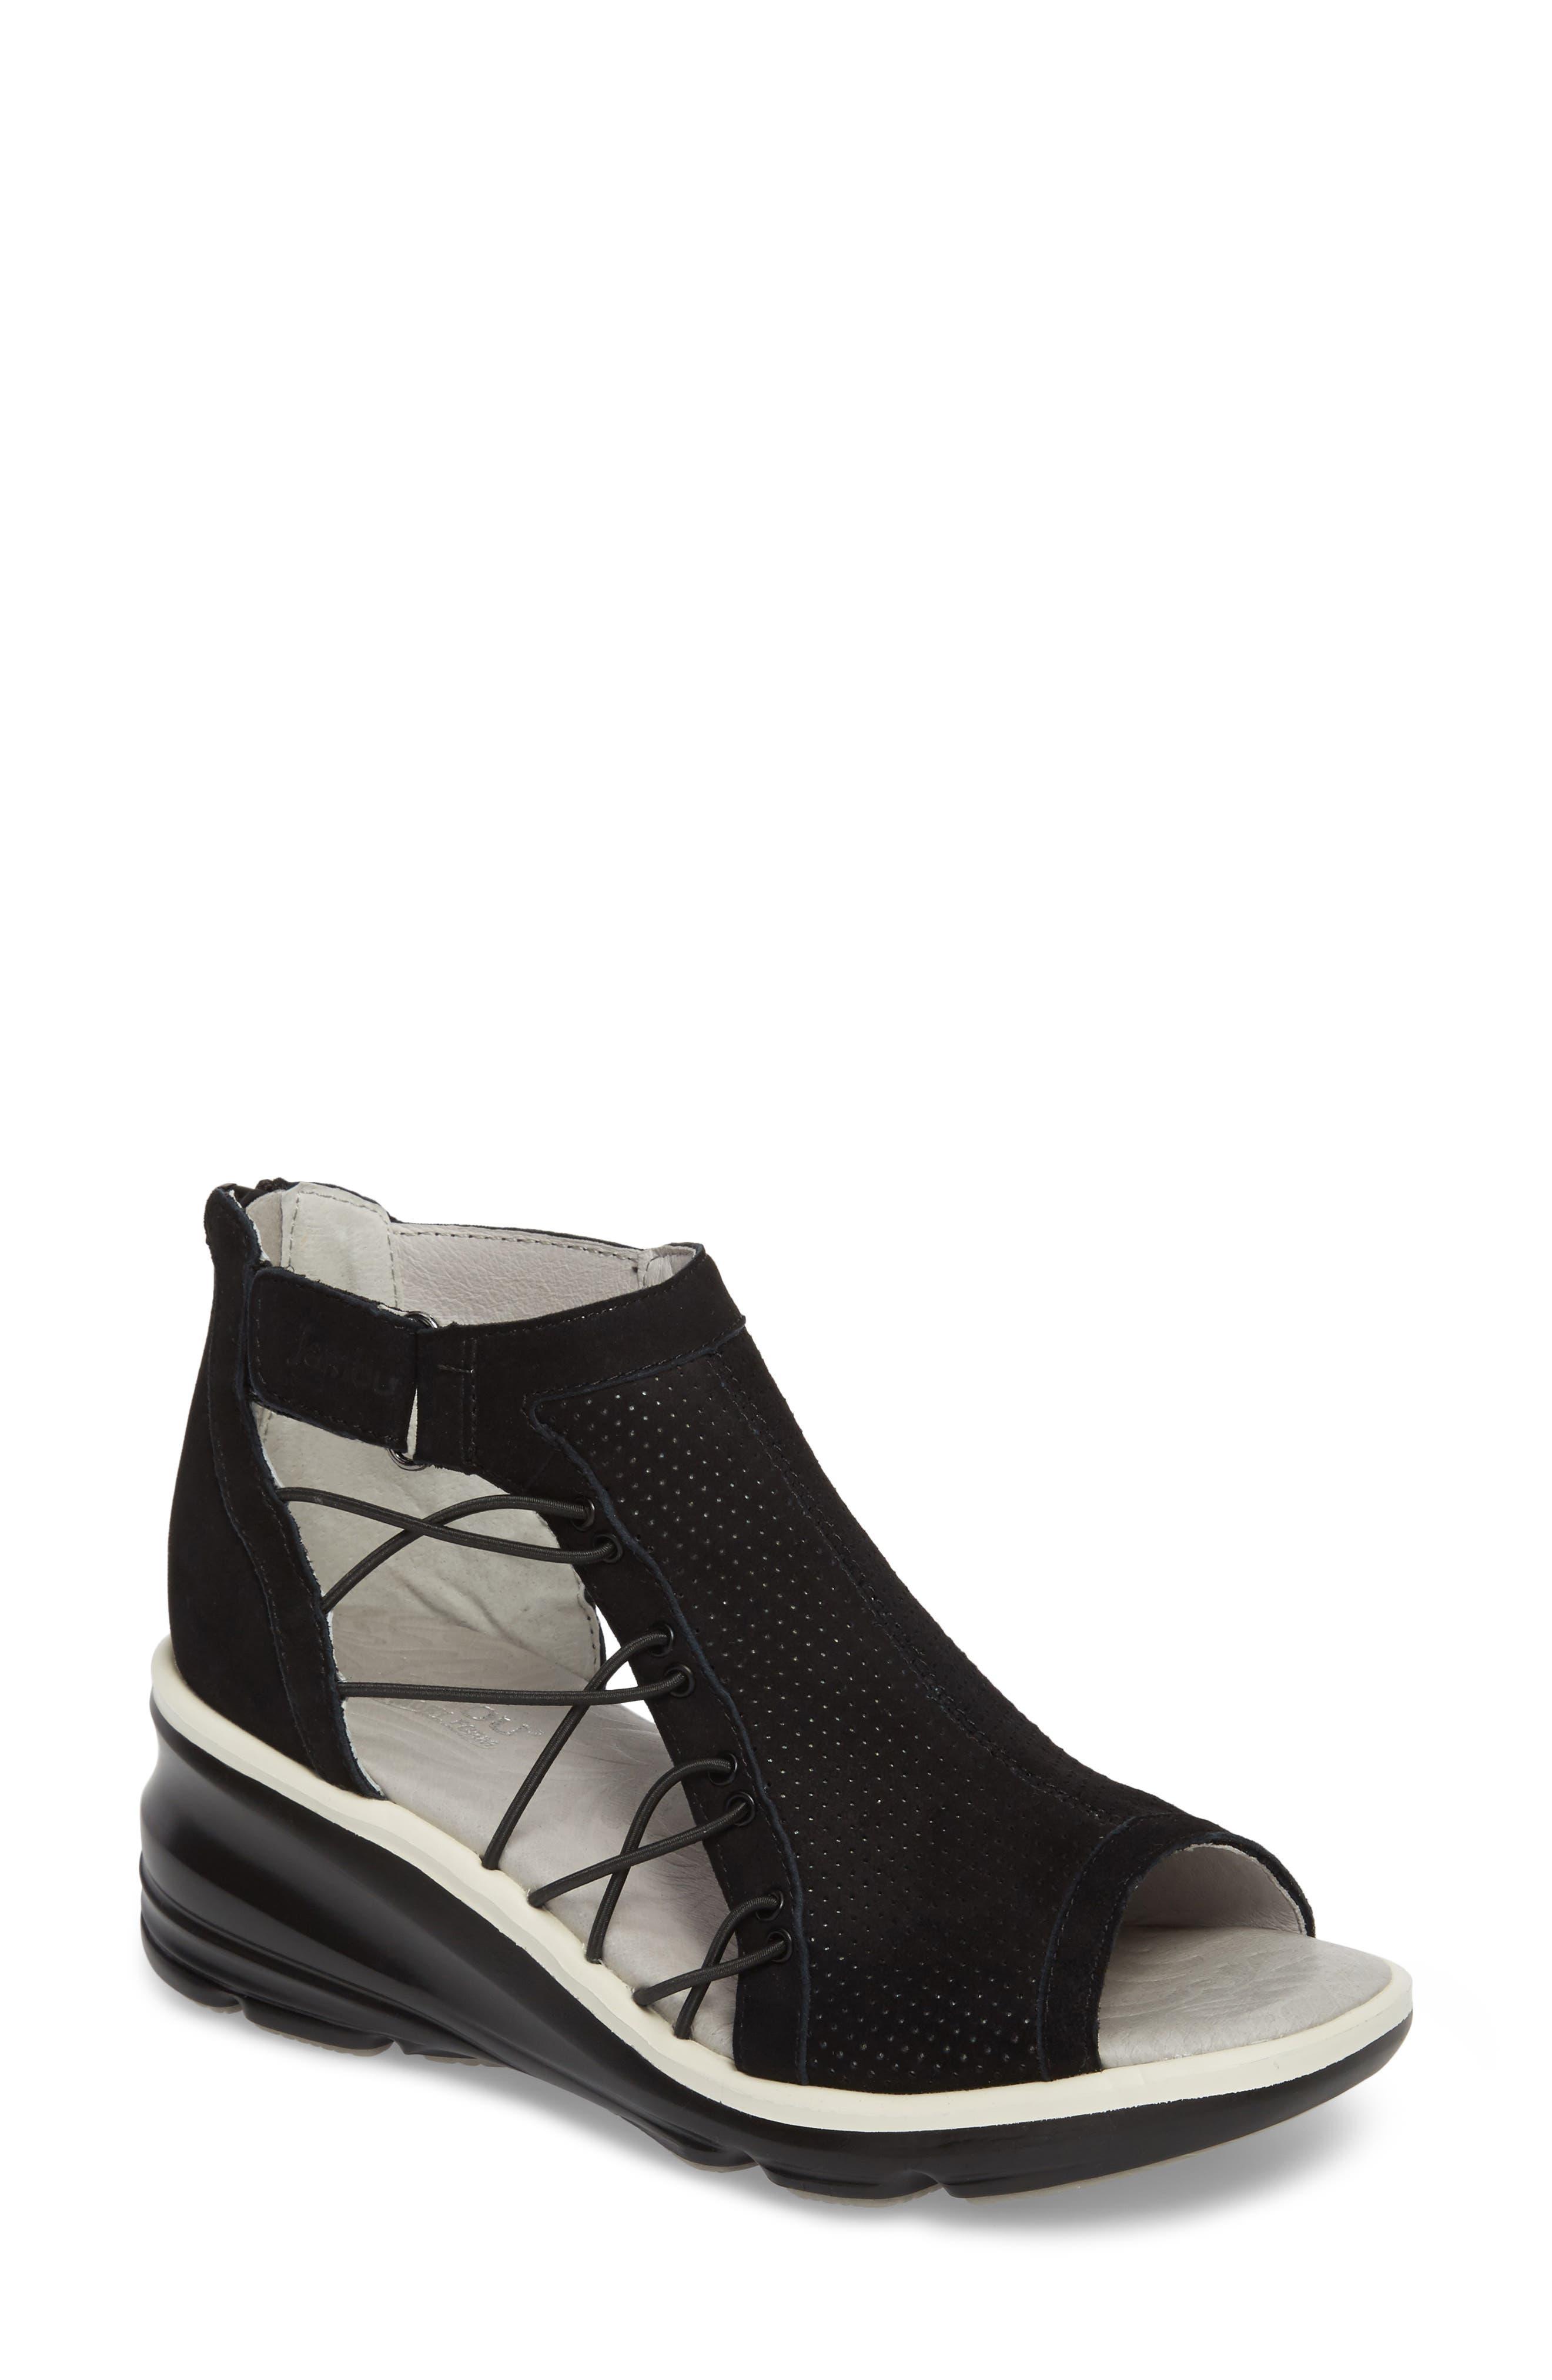 JAMBU, Naomi Perforated Wedge Sandal, Main thumbnail 1, color, BLACK SUEDE